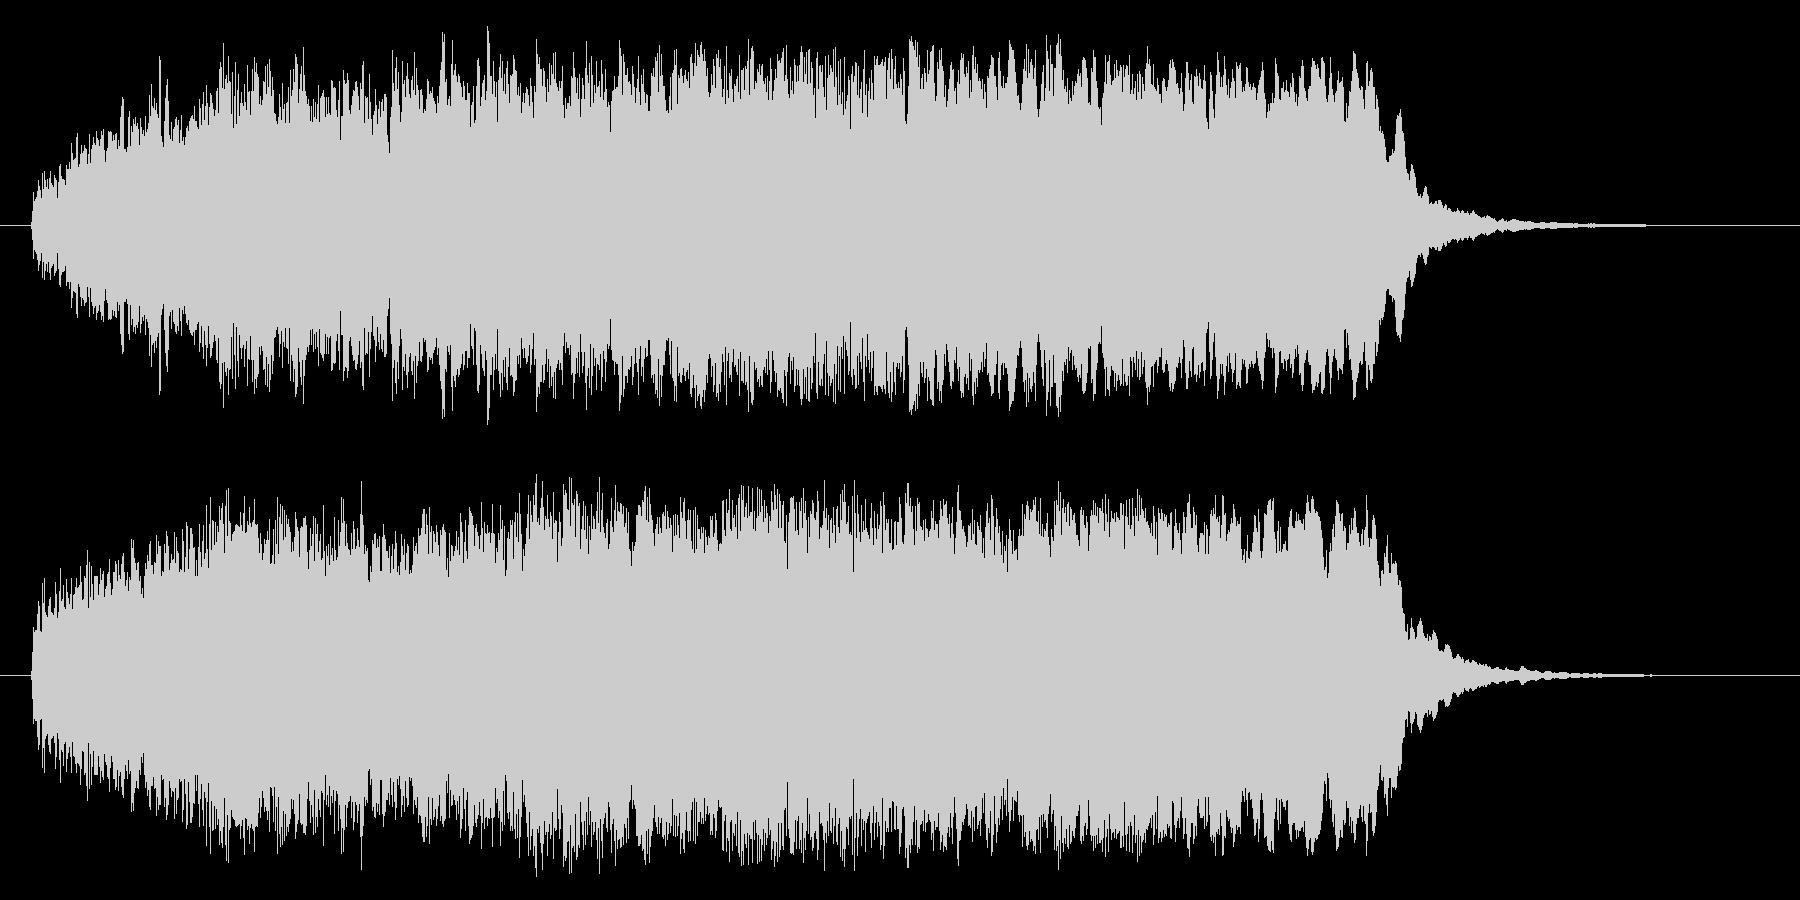 壮大で豪華な管楽器シンセサウンドの未再生の波形